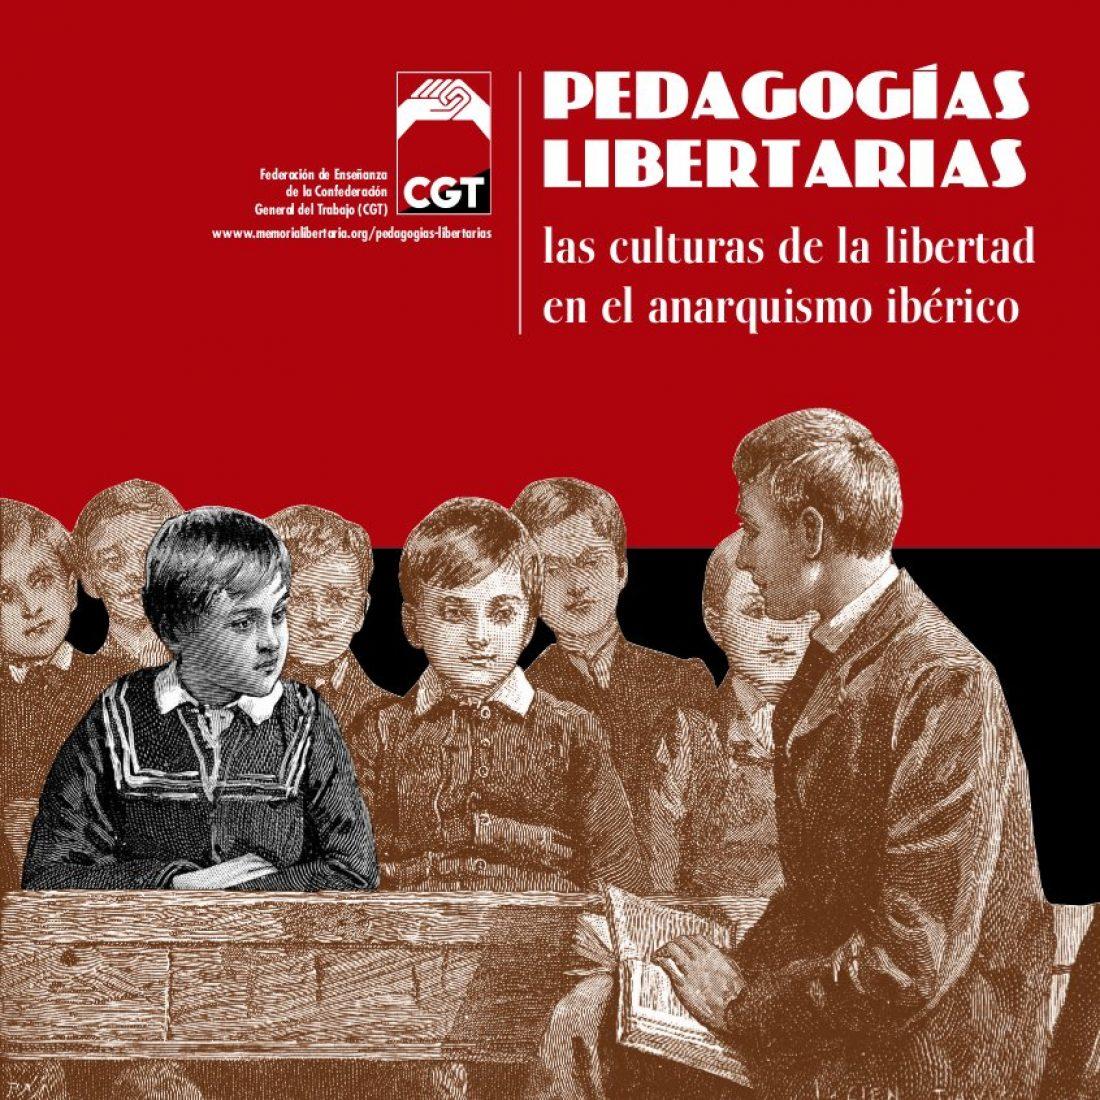 Catálogo de la Exposición «Pedagogías Libertarias. Las culturas de la libertad en el anarquismo ibérico»